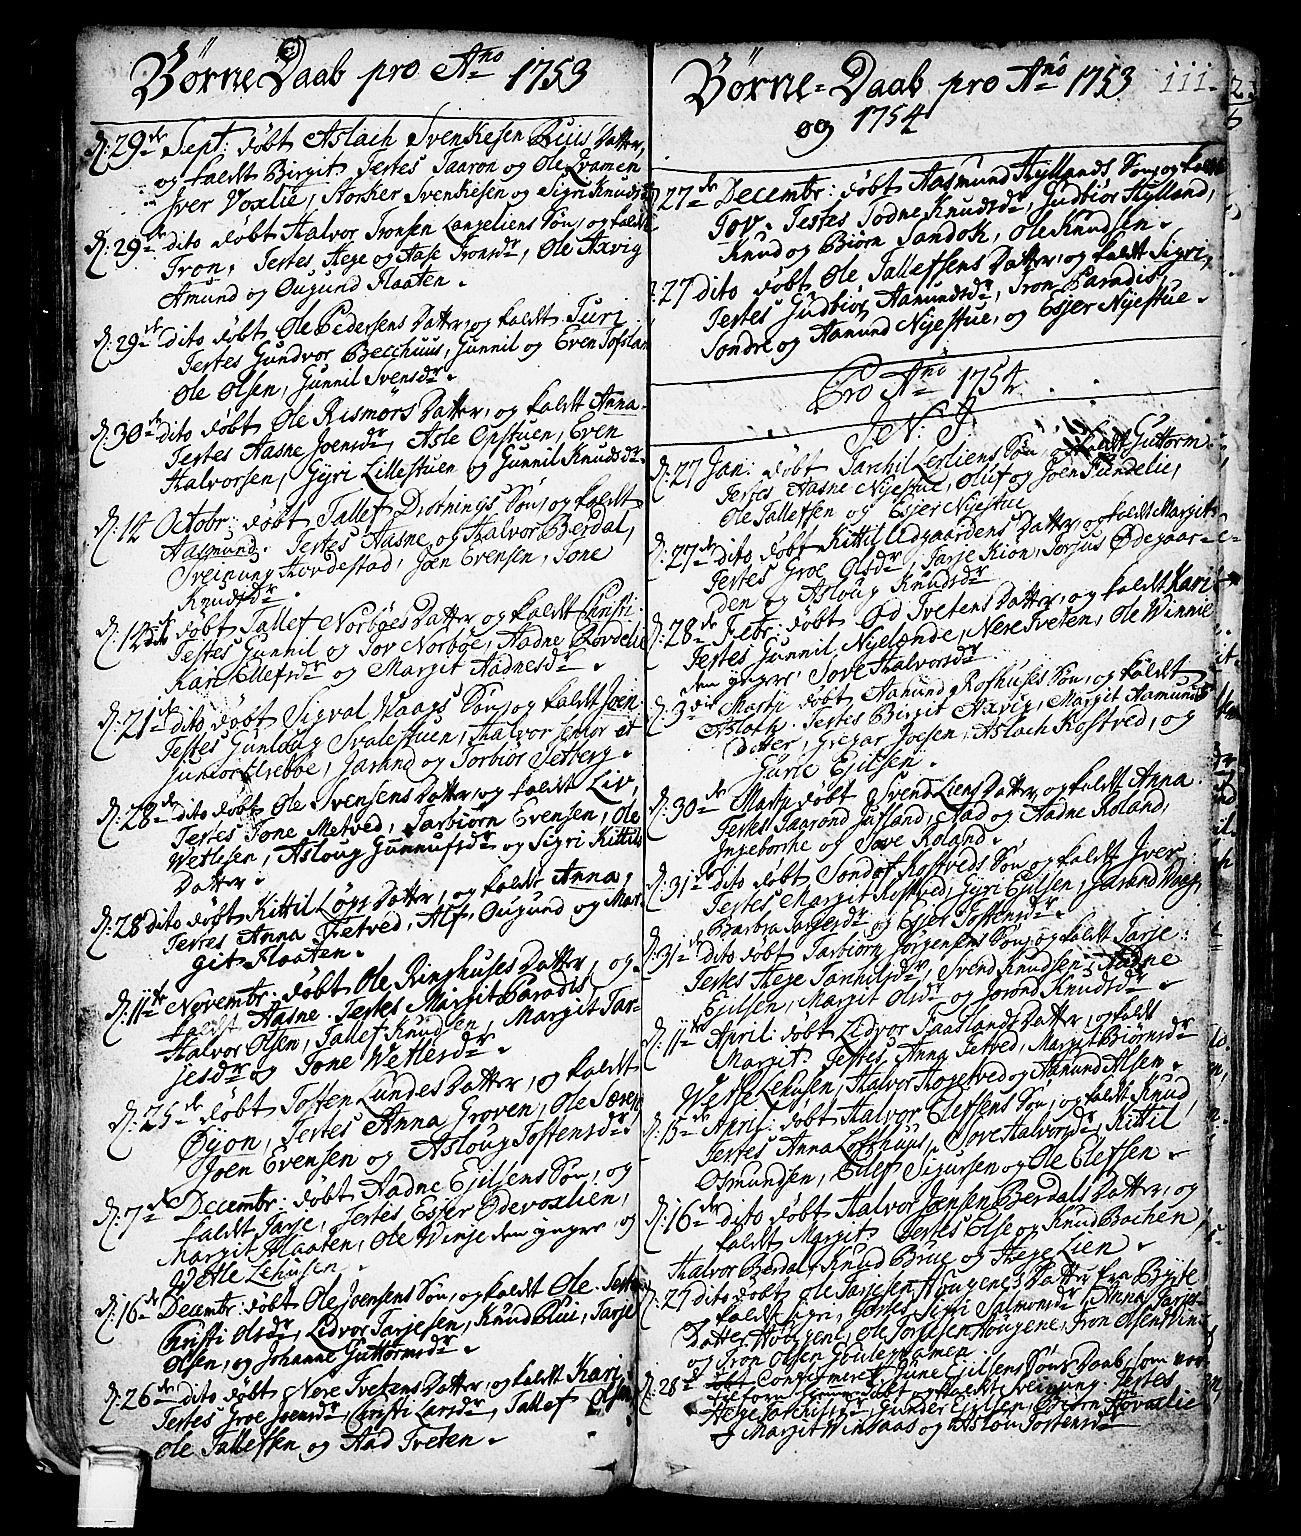 SAKO, Vinje kirkebøker, F/Fa/L0001: Ministerialbok nr. I 1, 1717-1766, s. 111